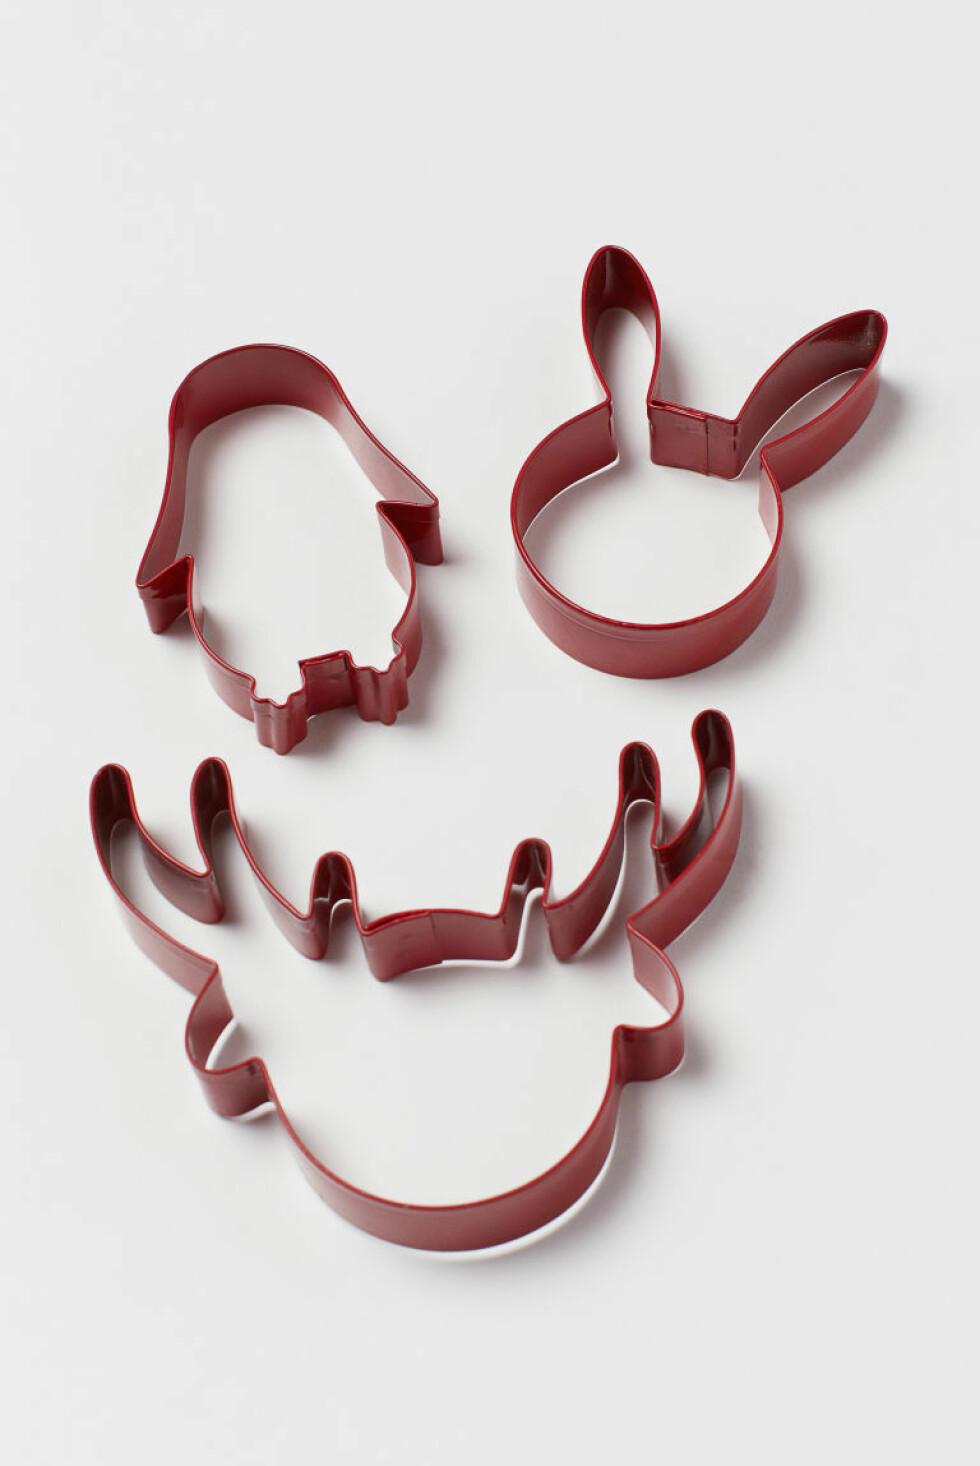 Kakeutstikkere fra H&M  90,-  https://www2.hm.com/no_no/productpage.0672863002.html